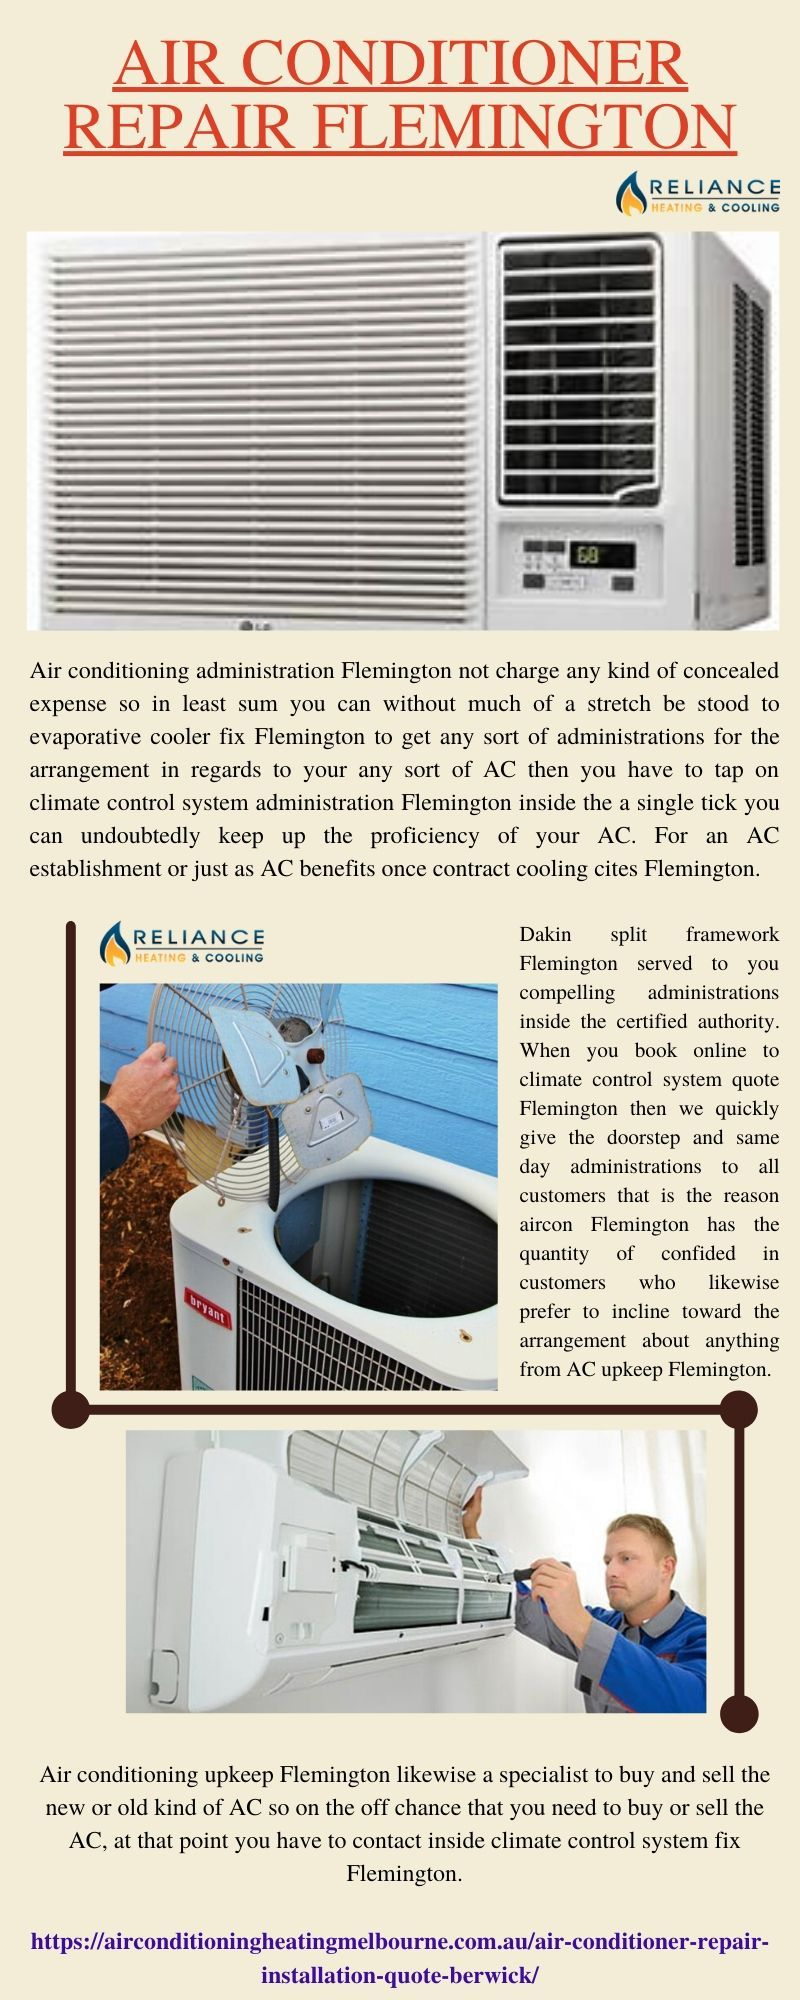 Air Conditioner Repair Flemington In 2020 Air Conditioner Repair